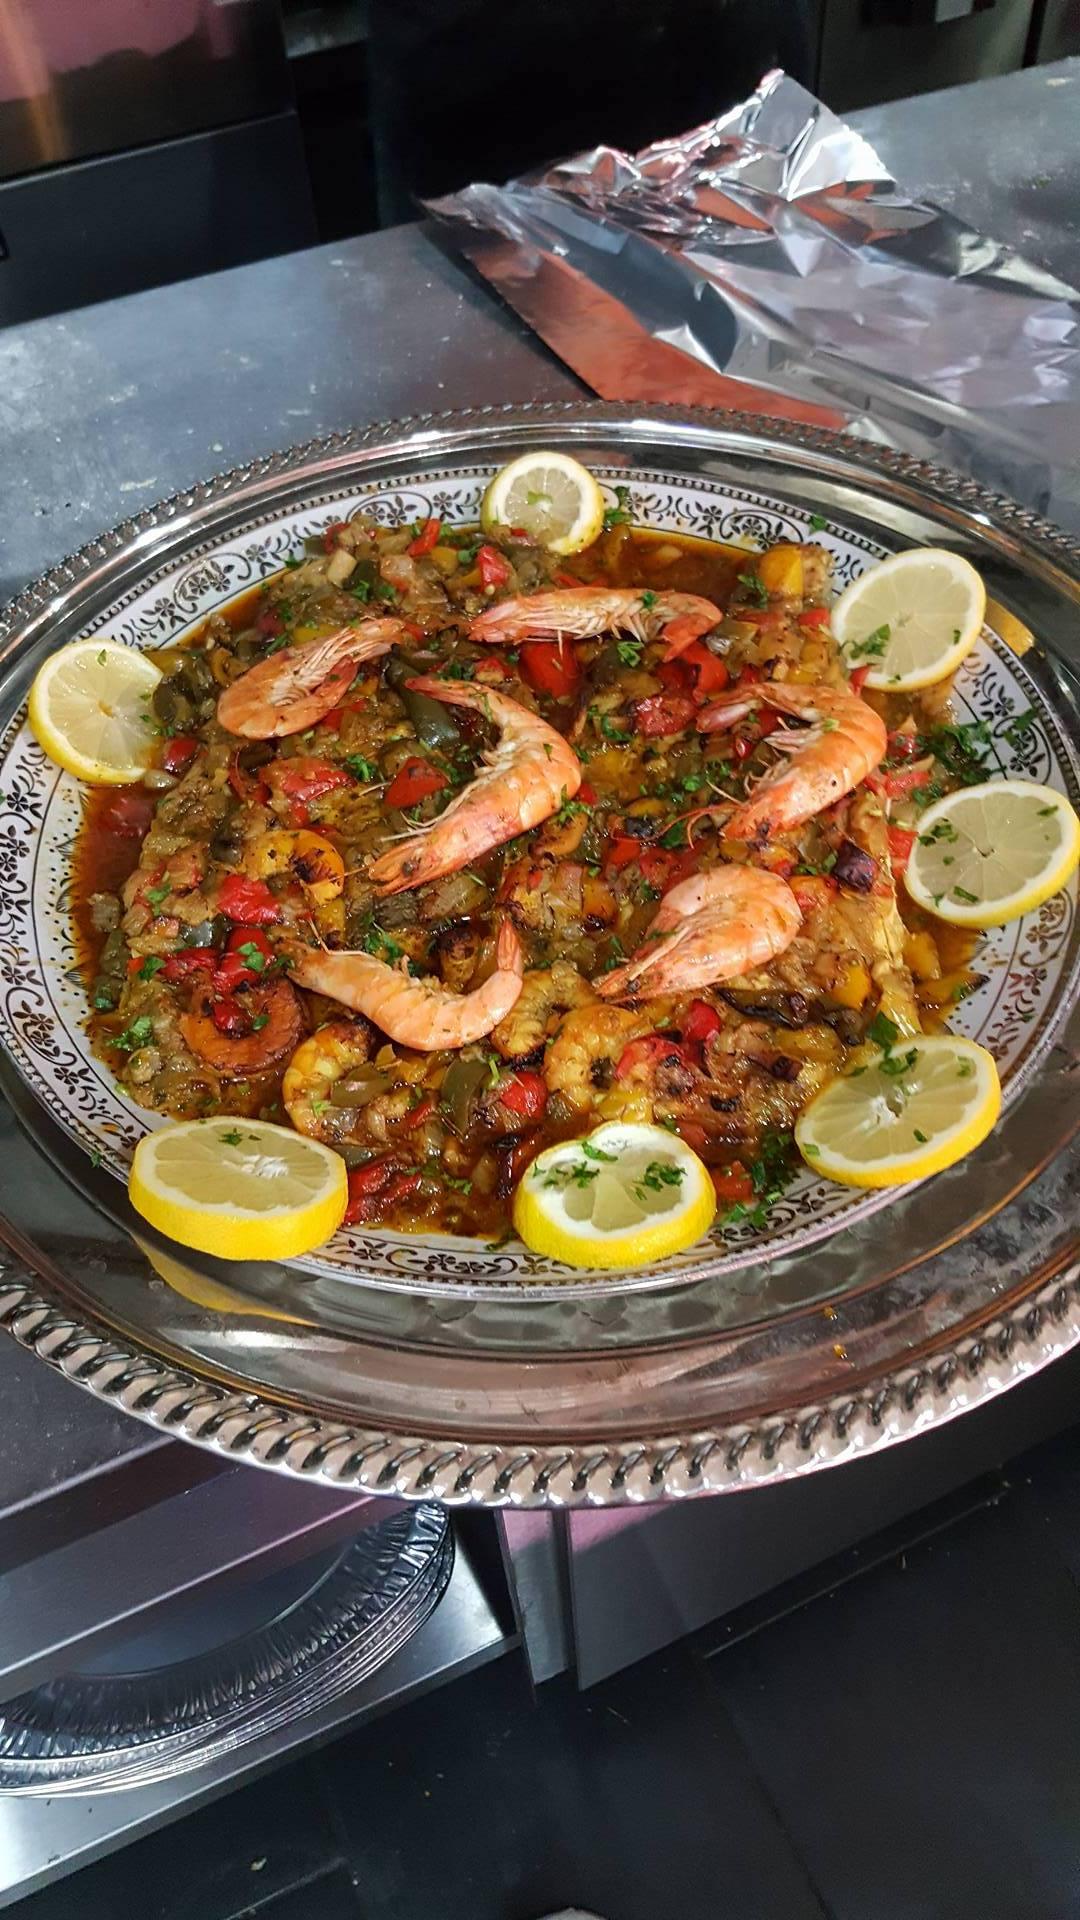 Traiteur -img9 • Livraison de poissons • Poissonnerie • Restaurant • Traiteur à Anderlecht